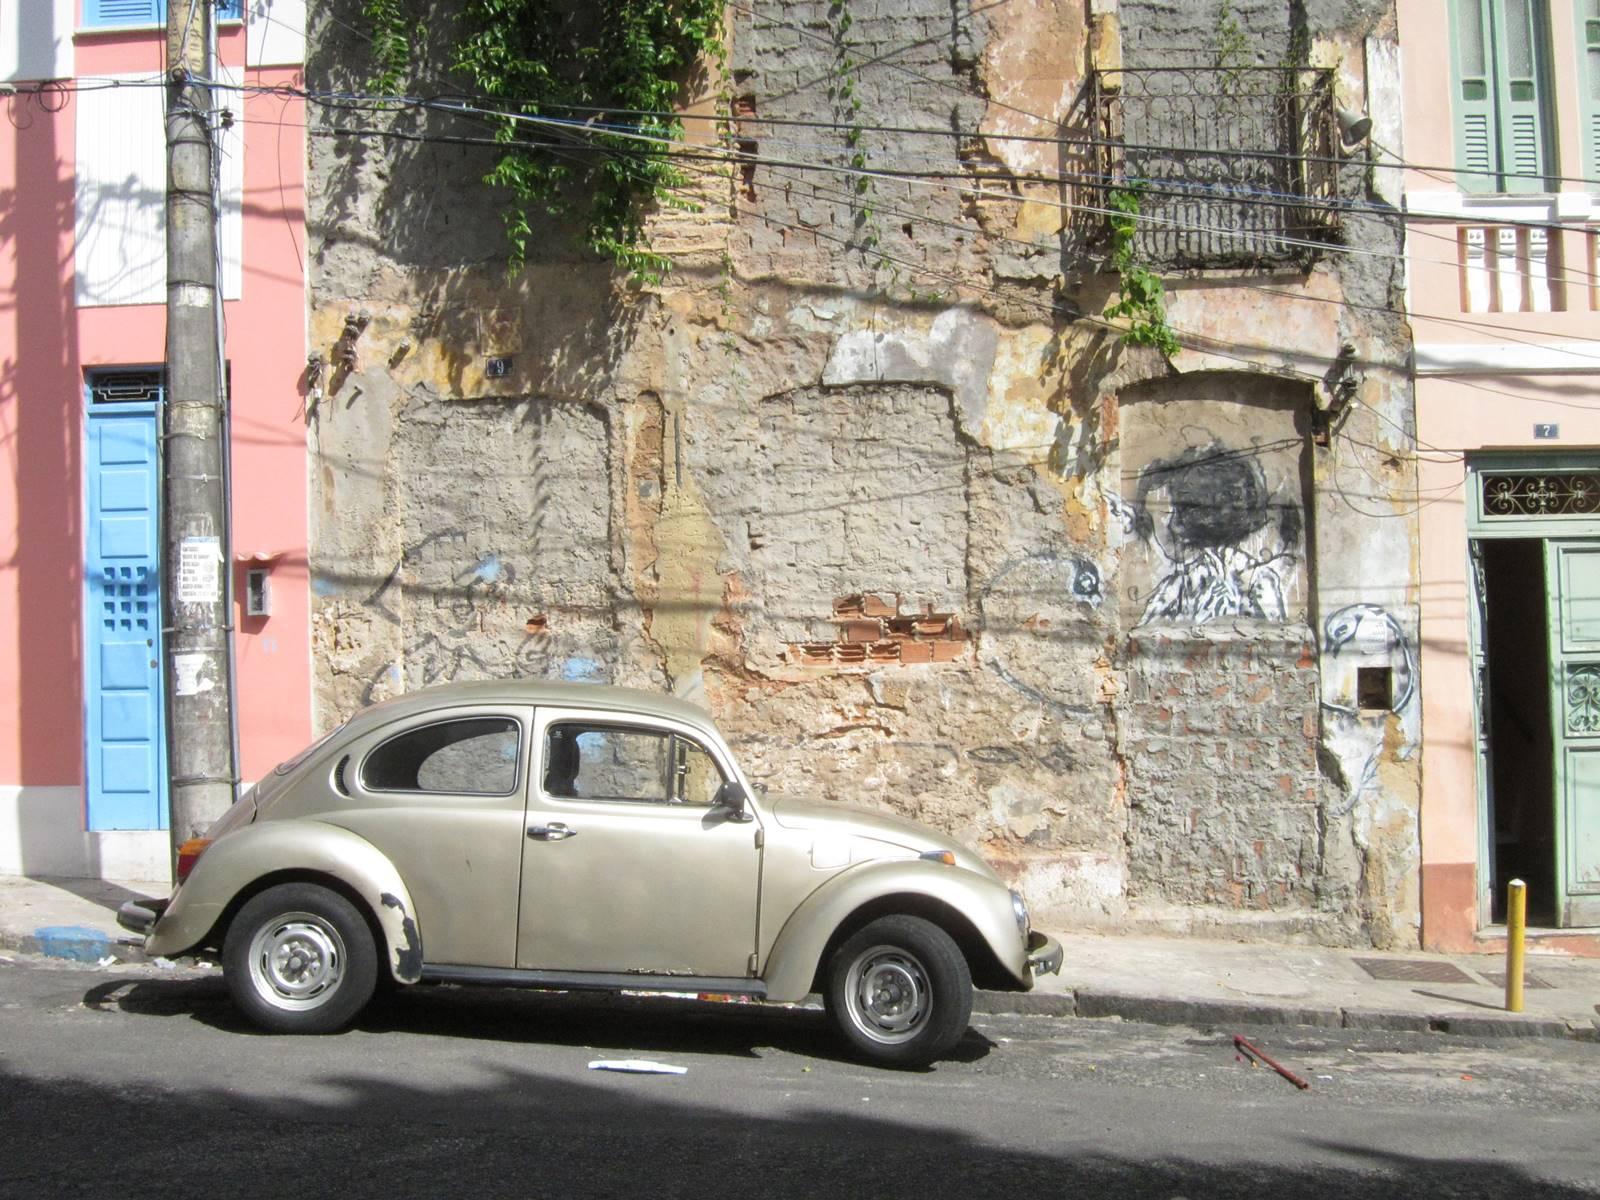 Salvador de Bahia rue (4)